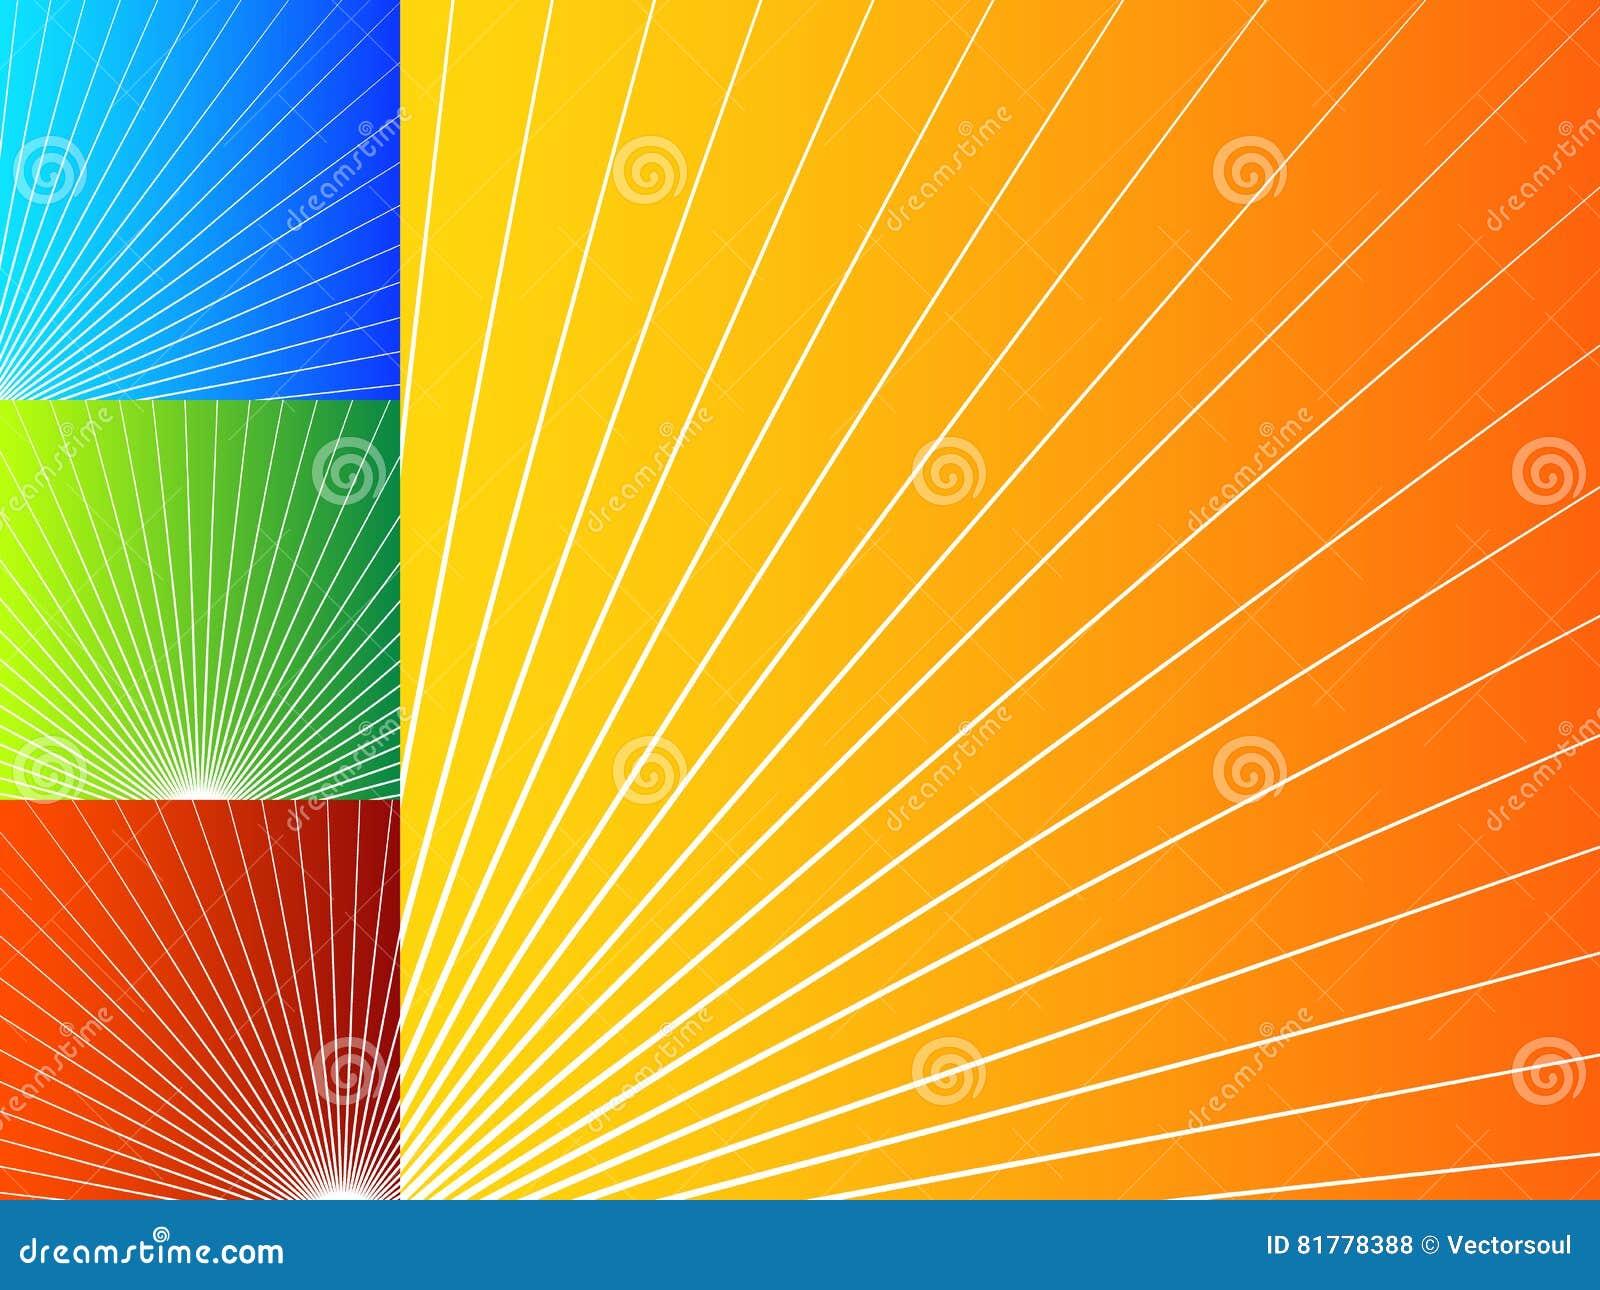 Fundos abstratos coloridos com linhas radiais